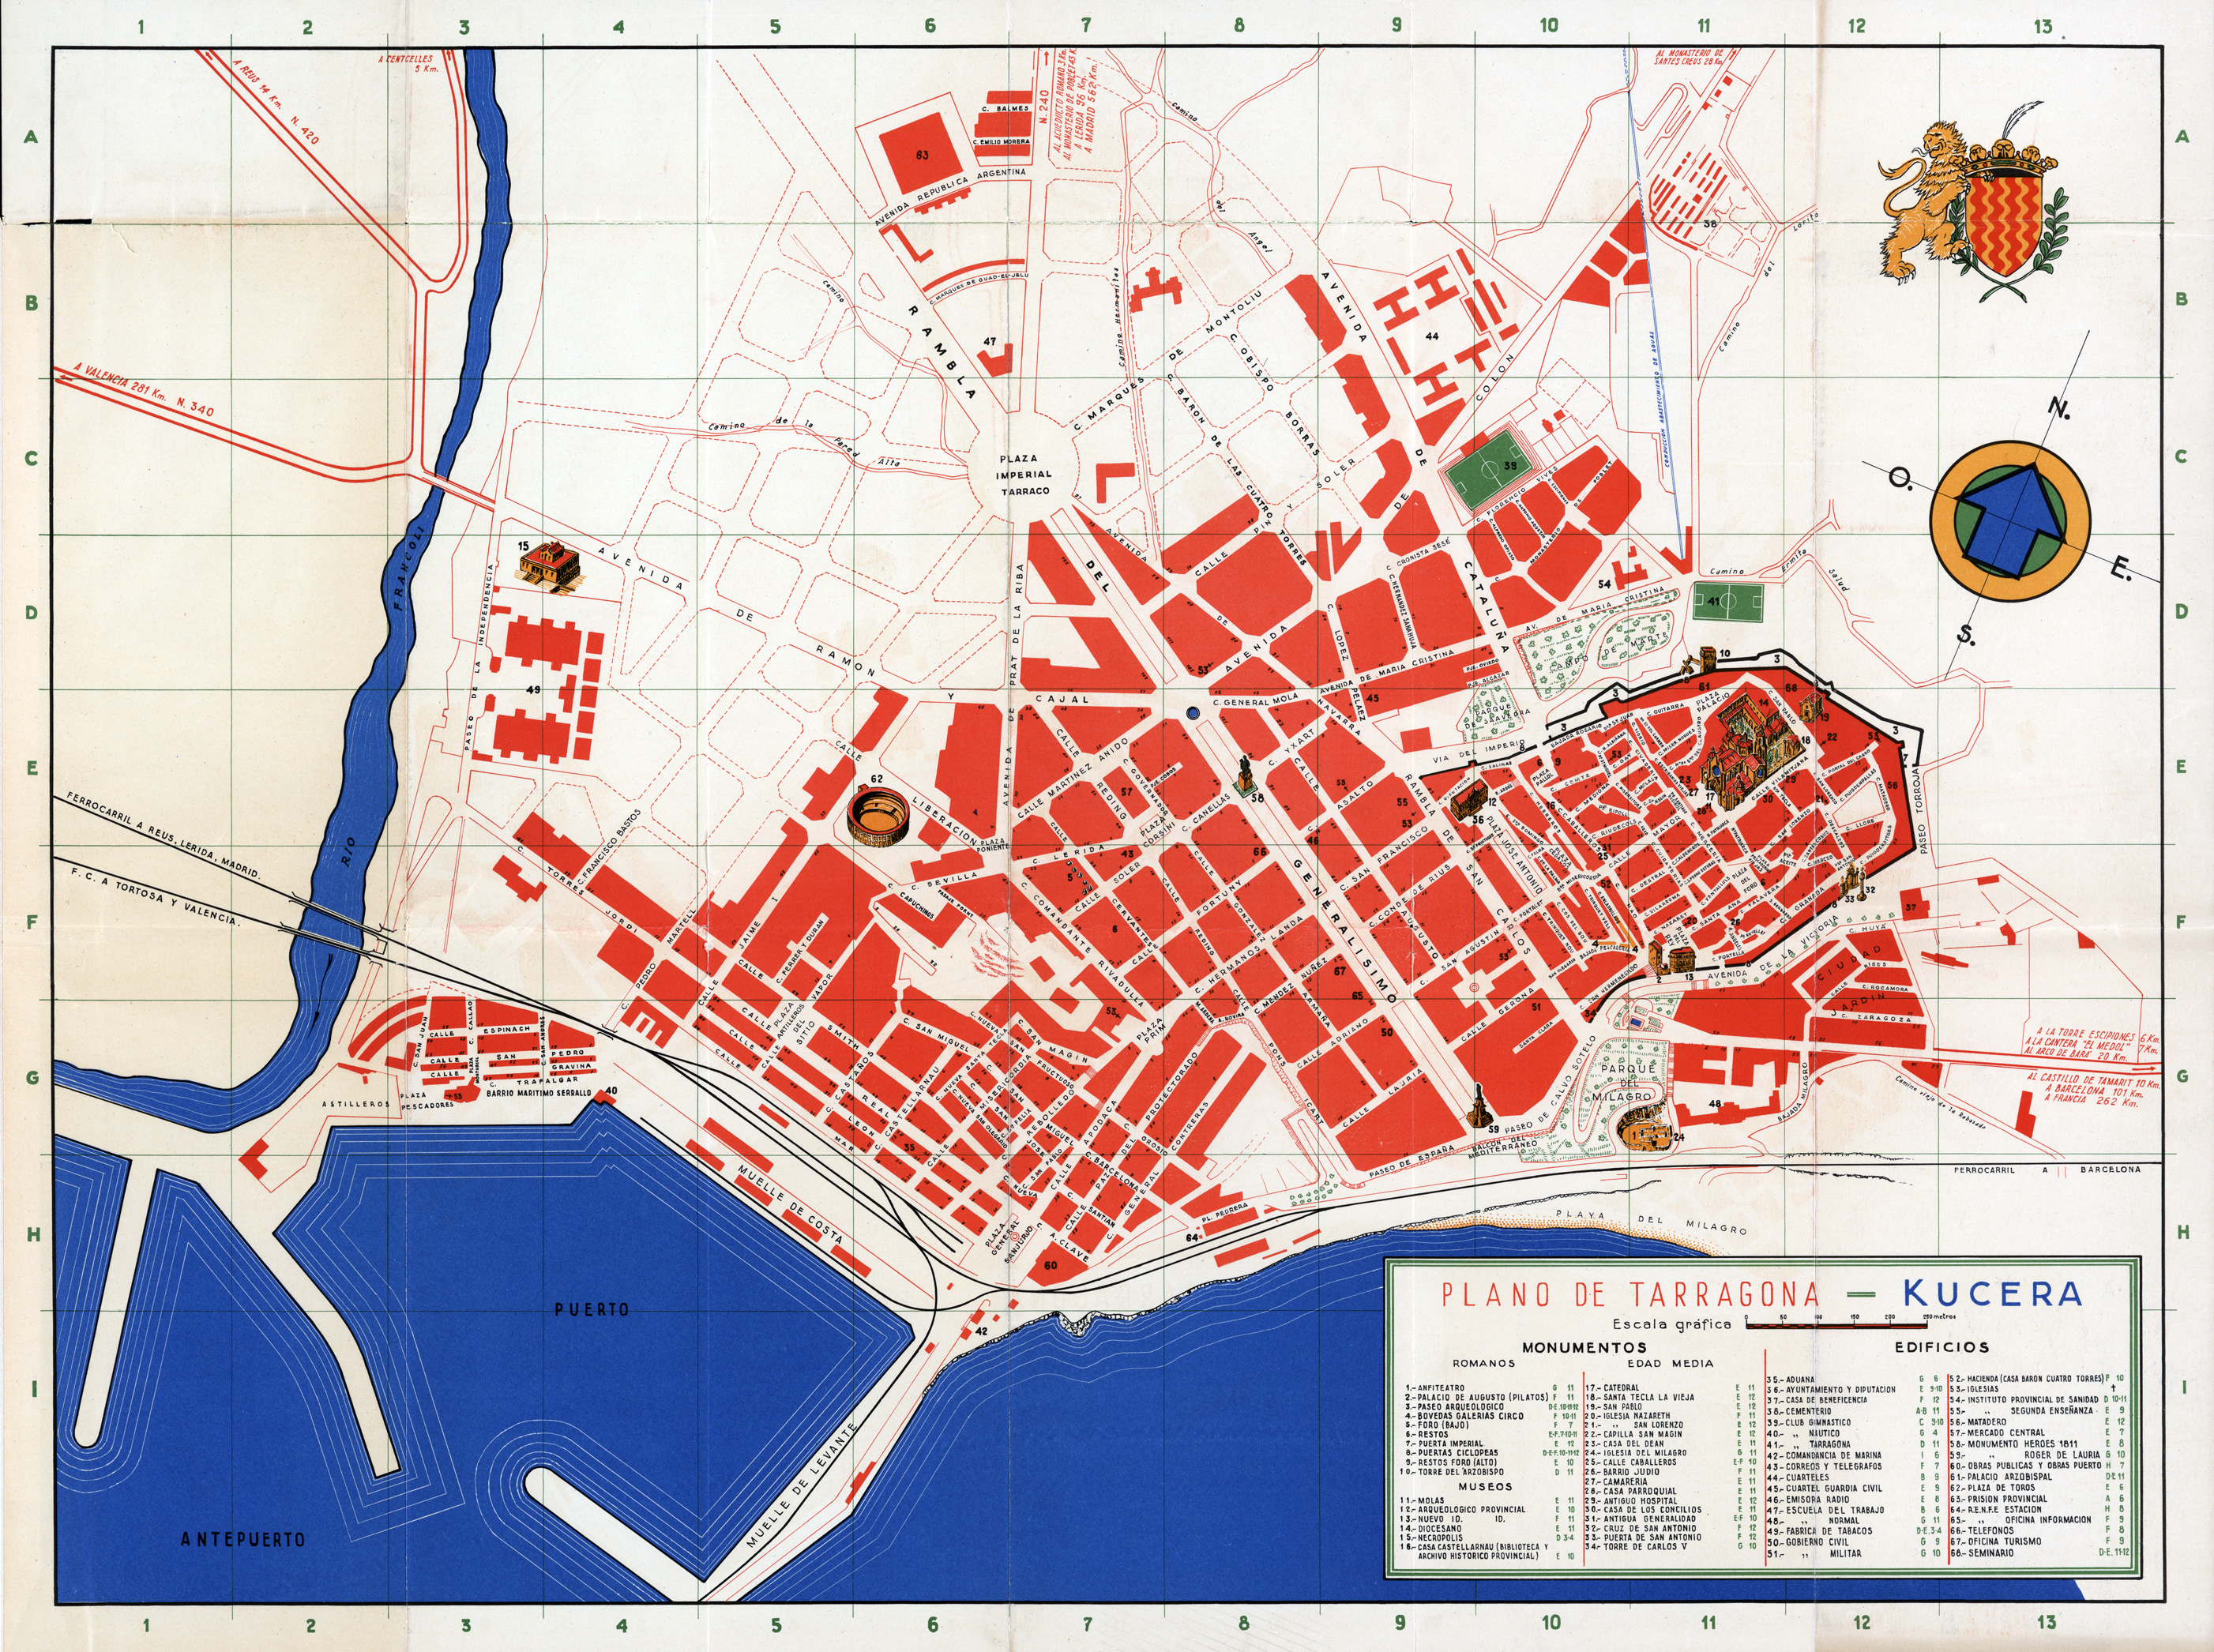 Mapa de Tarragona